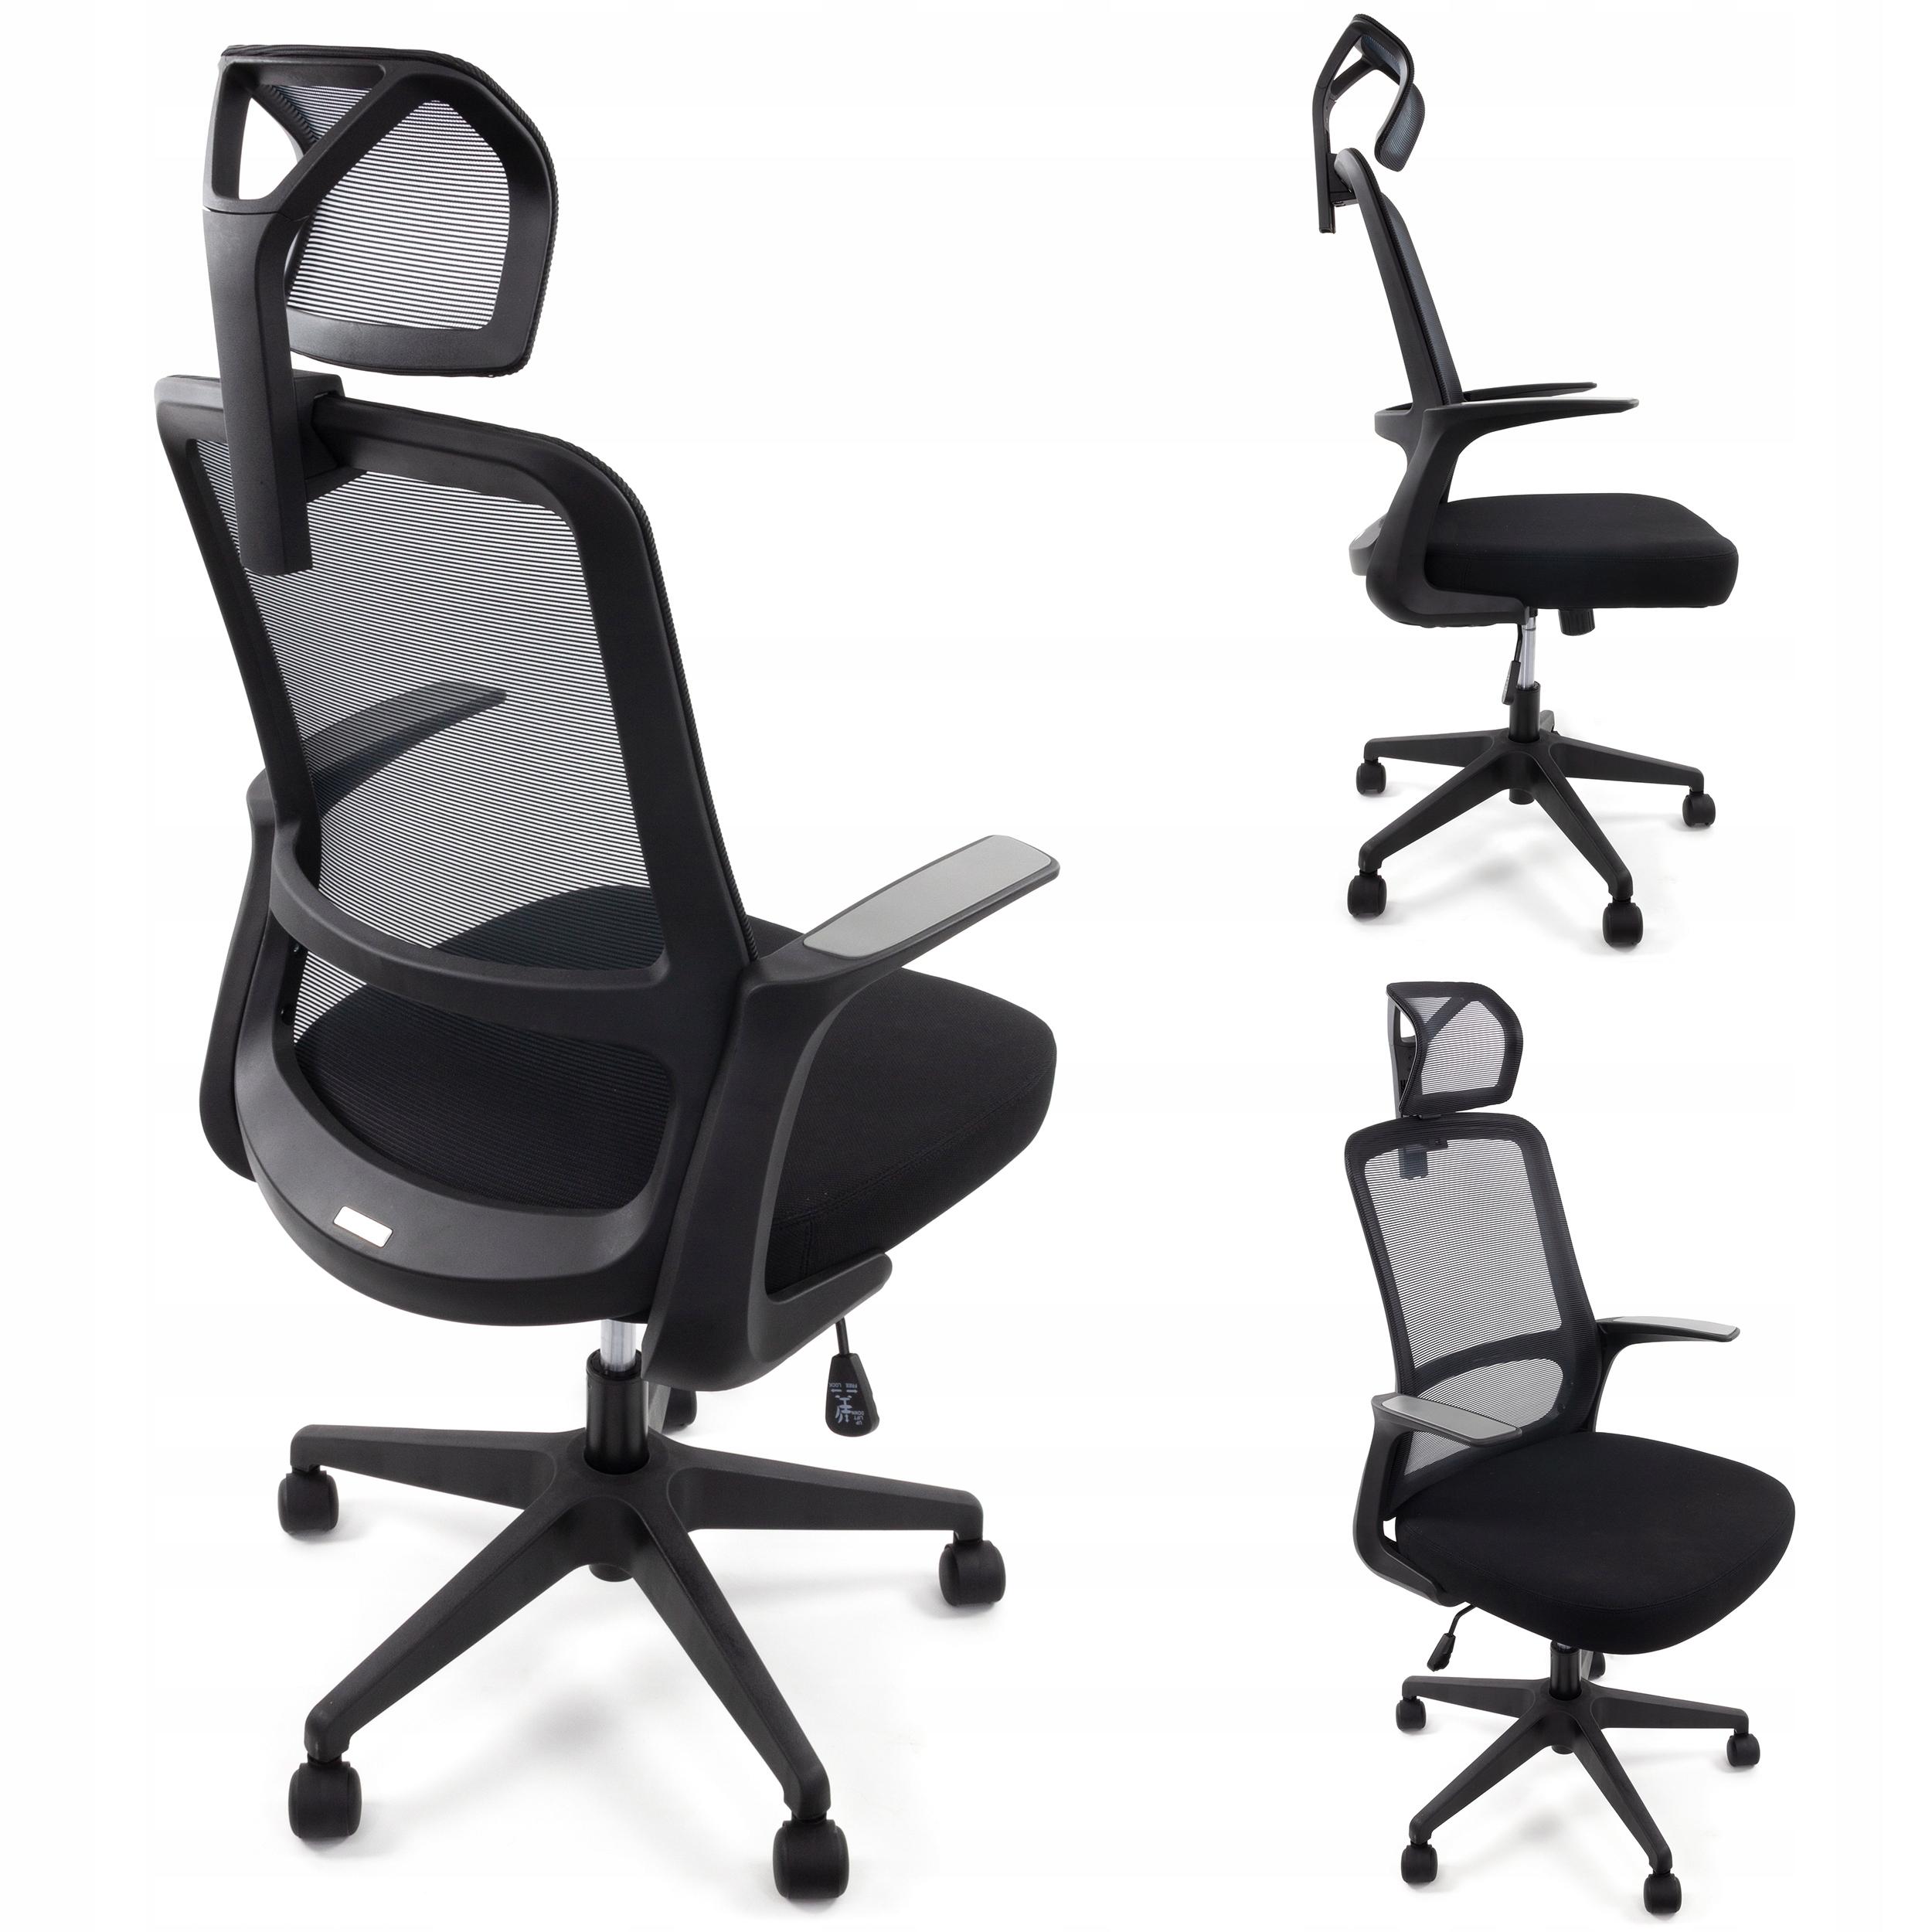 Ергономічний офісний стілець Поворотне крісло AMO-90